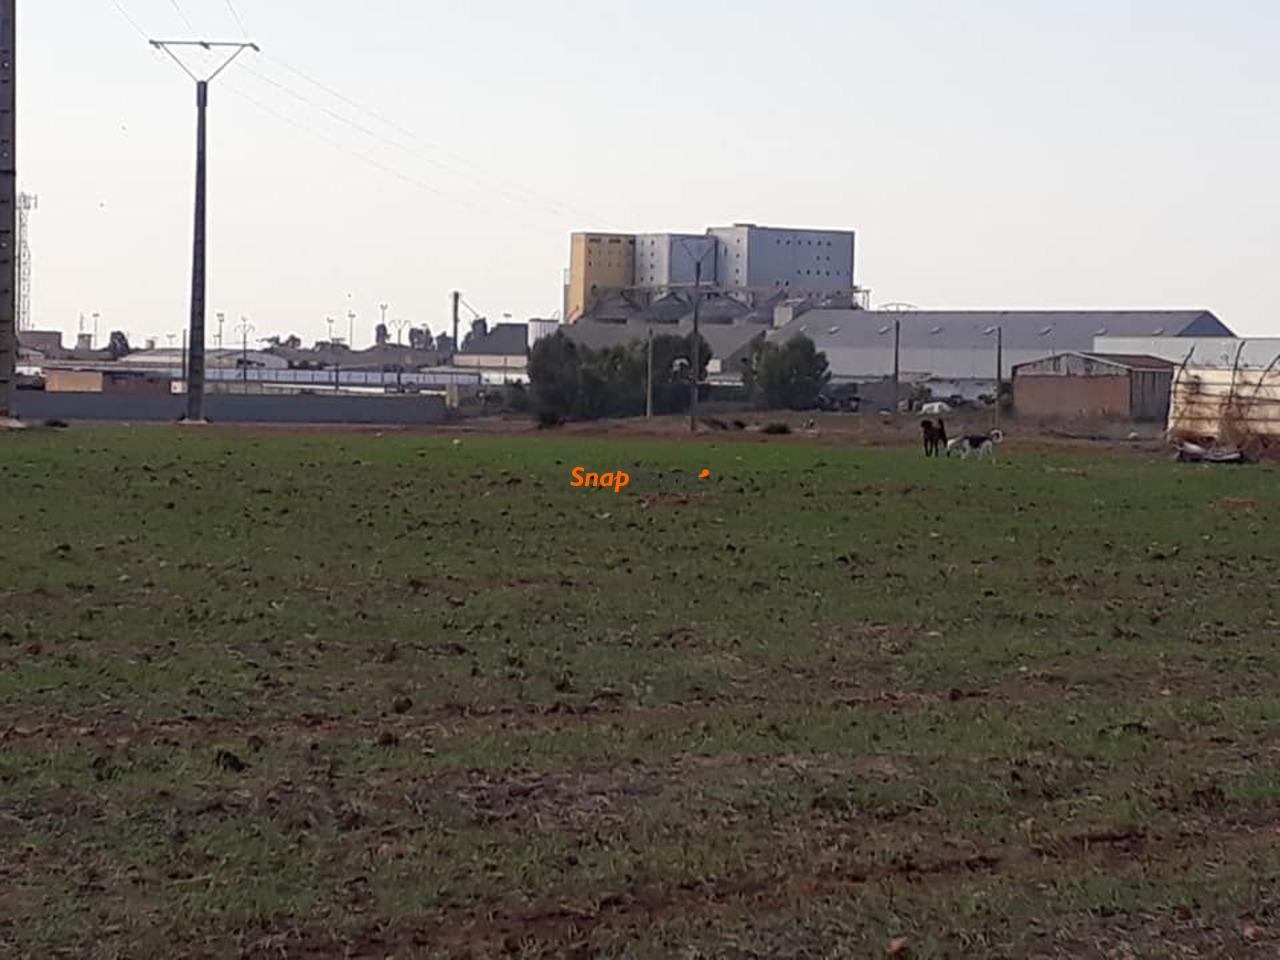 Vente terrain à Casablanca au prix de 800 dhs/m² Gsm 0637846987 / 0617016696 - 1/6